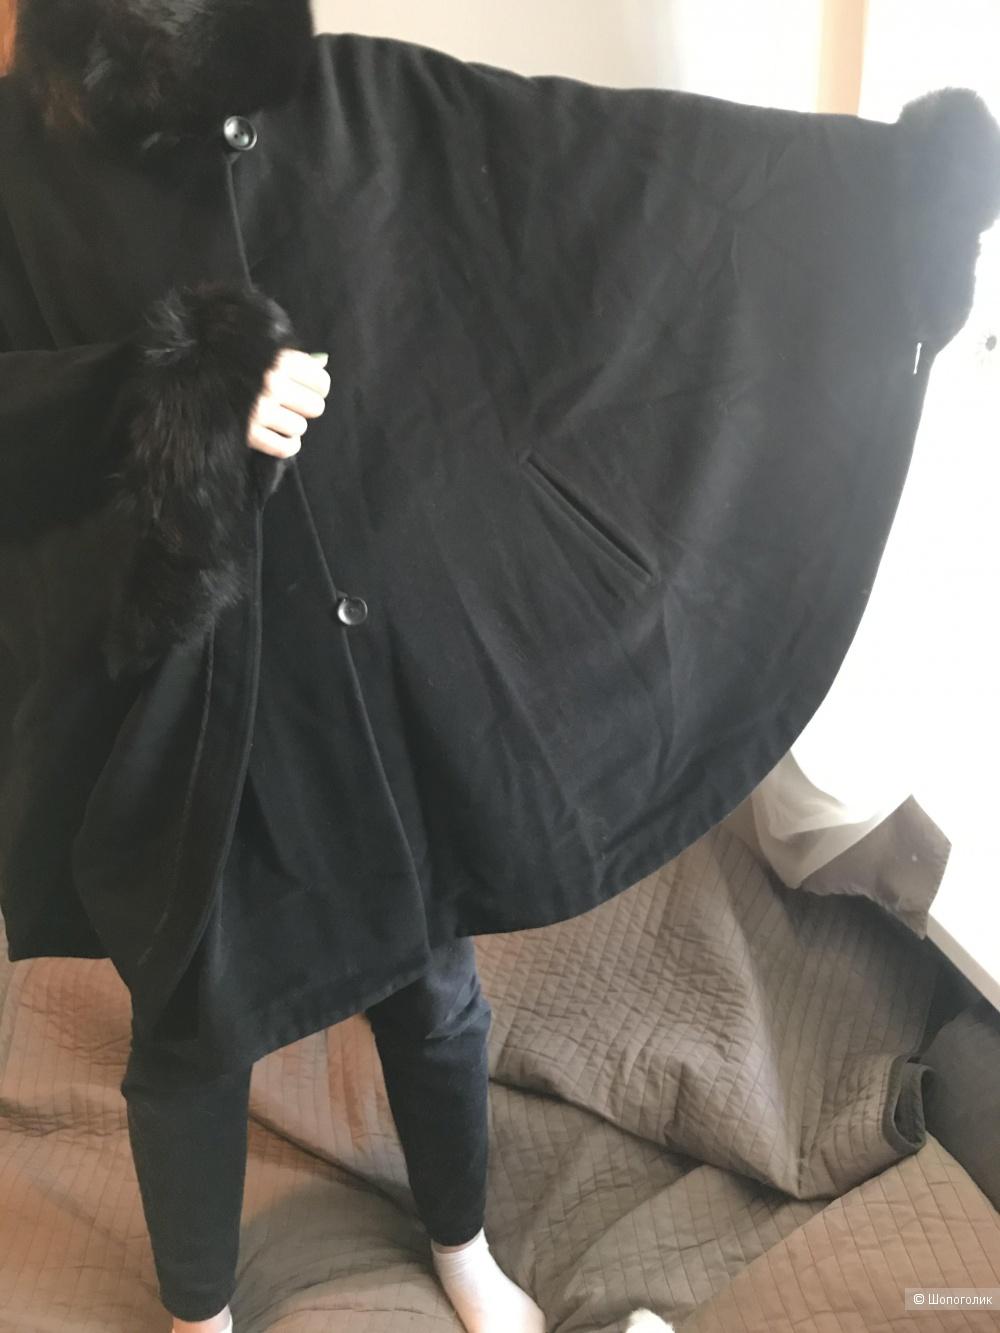 Пристраиваю пальто-кейп в идеальном состоянии ,    верх шерсть, подкладка синтетика, воротник и рукава настоящая норка )) очень нарядное и тёплое ))